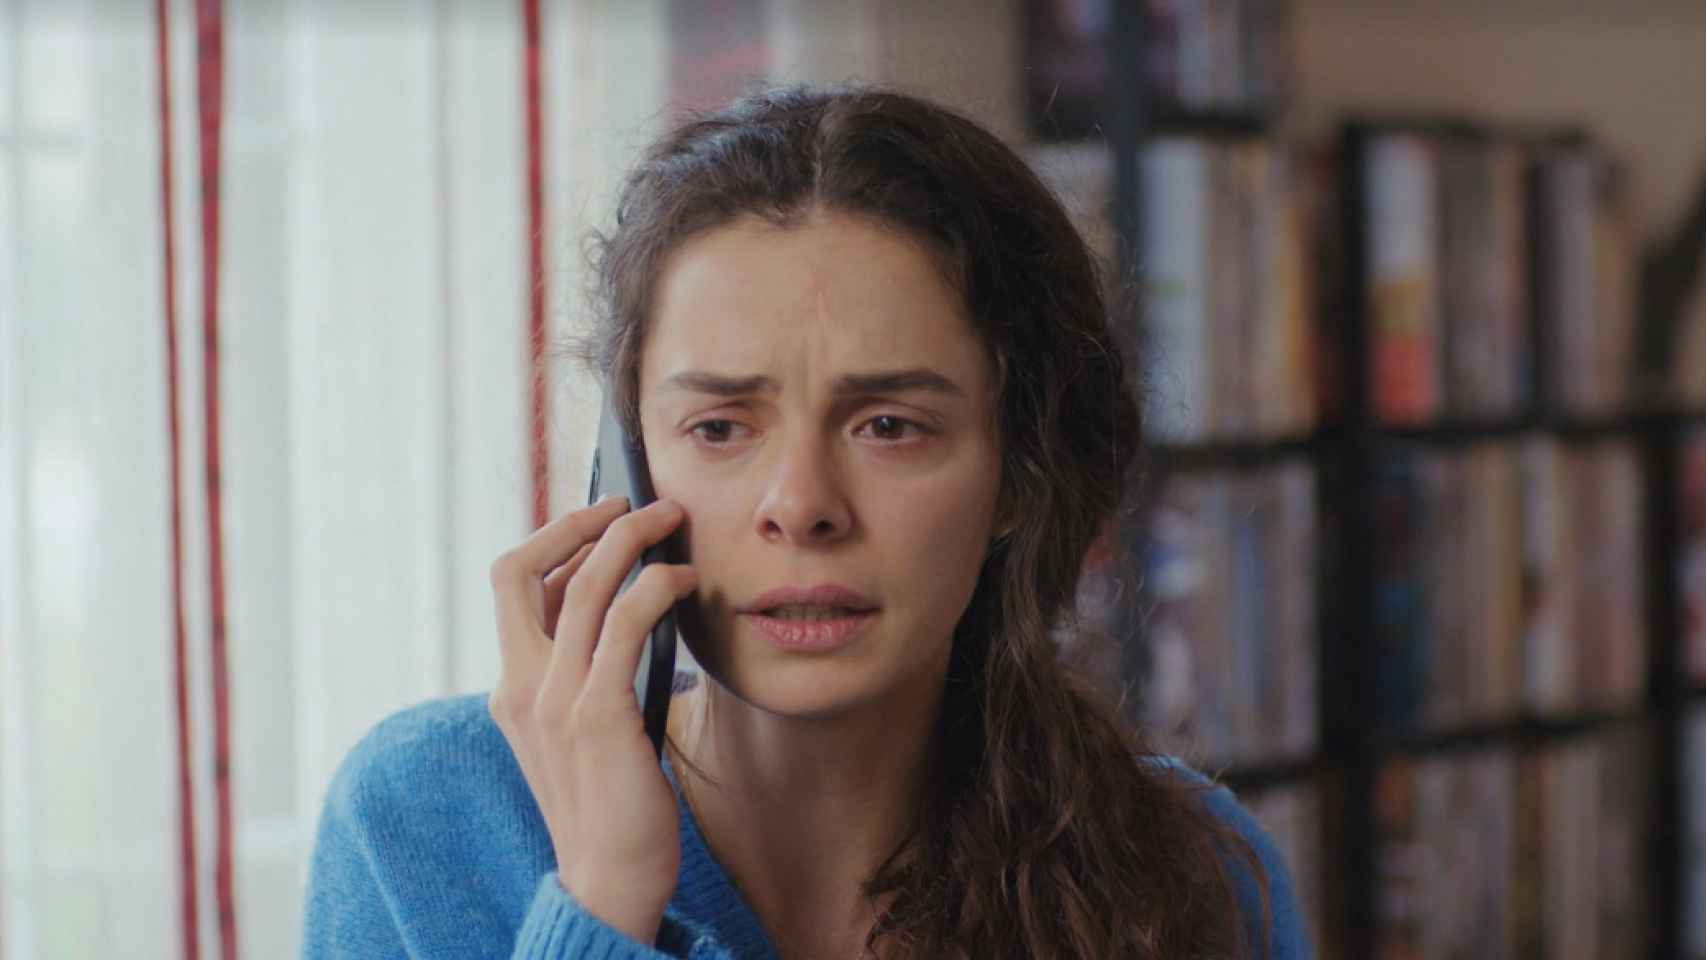 Avance en fotos del capítulo 50 de 'Mujer' que Antena 3 emite este lunes 15